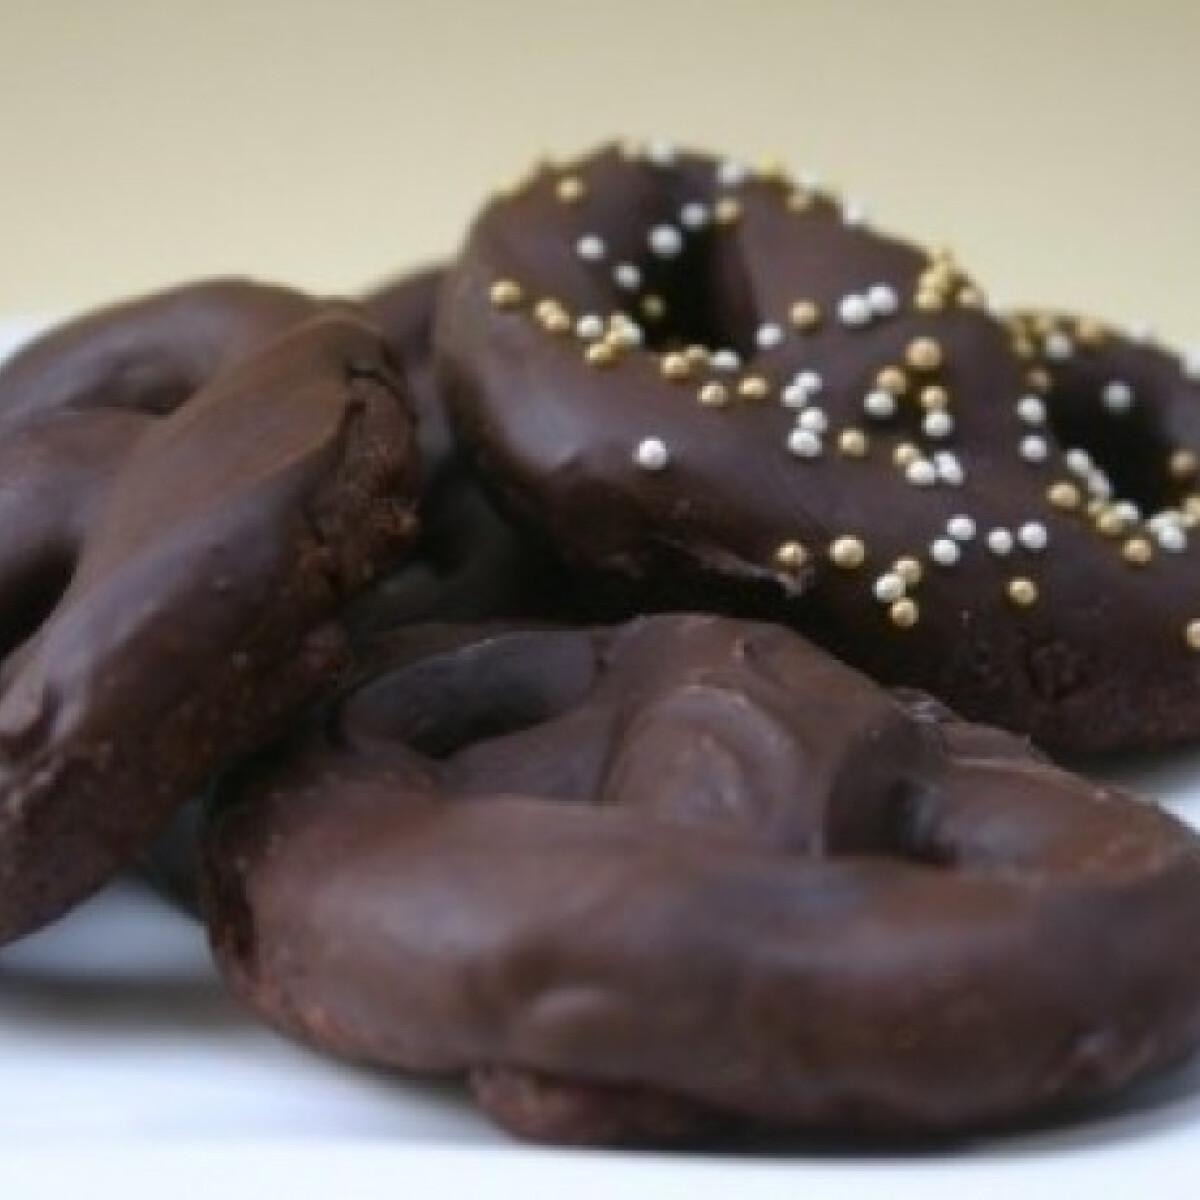 Ezen a képen: Csokis perecek